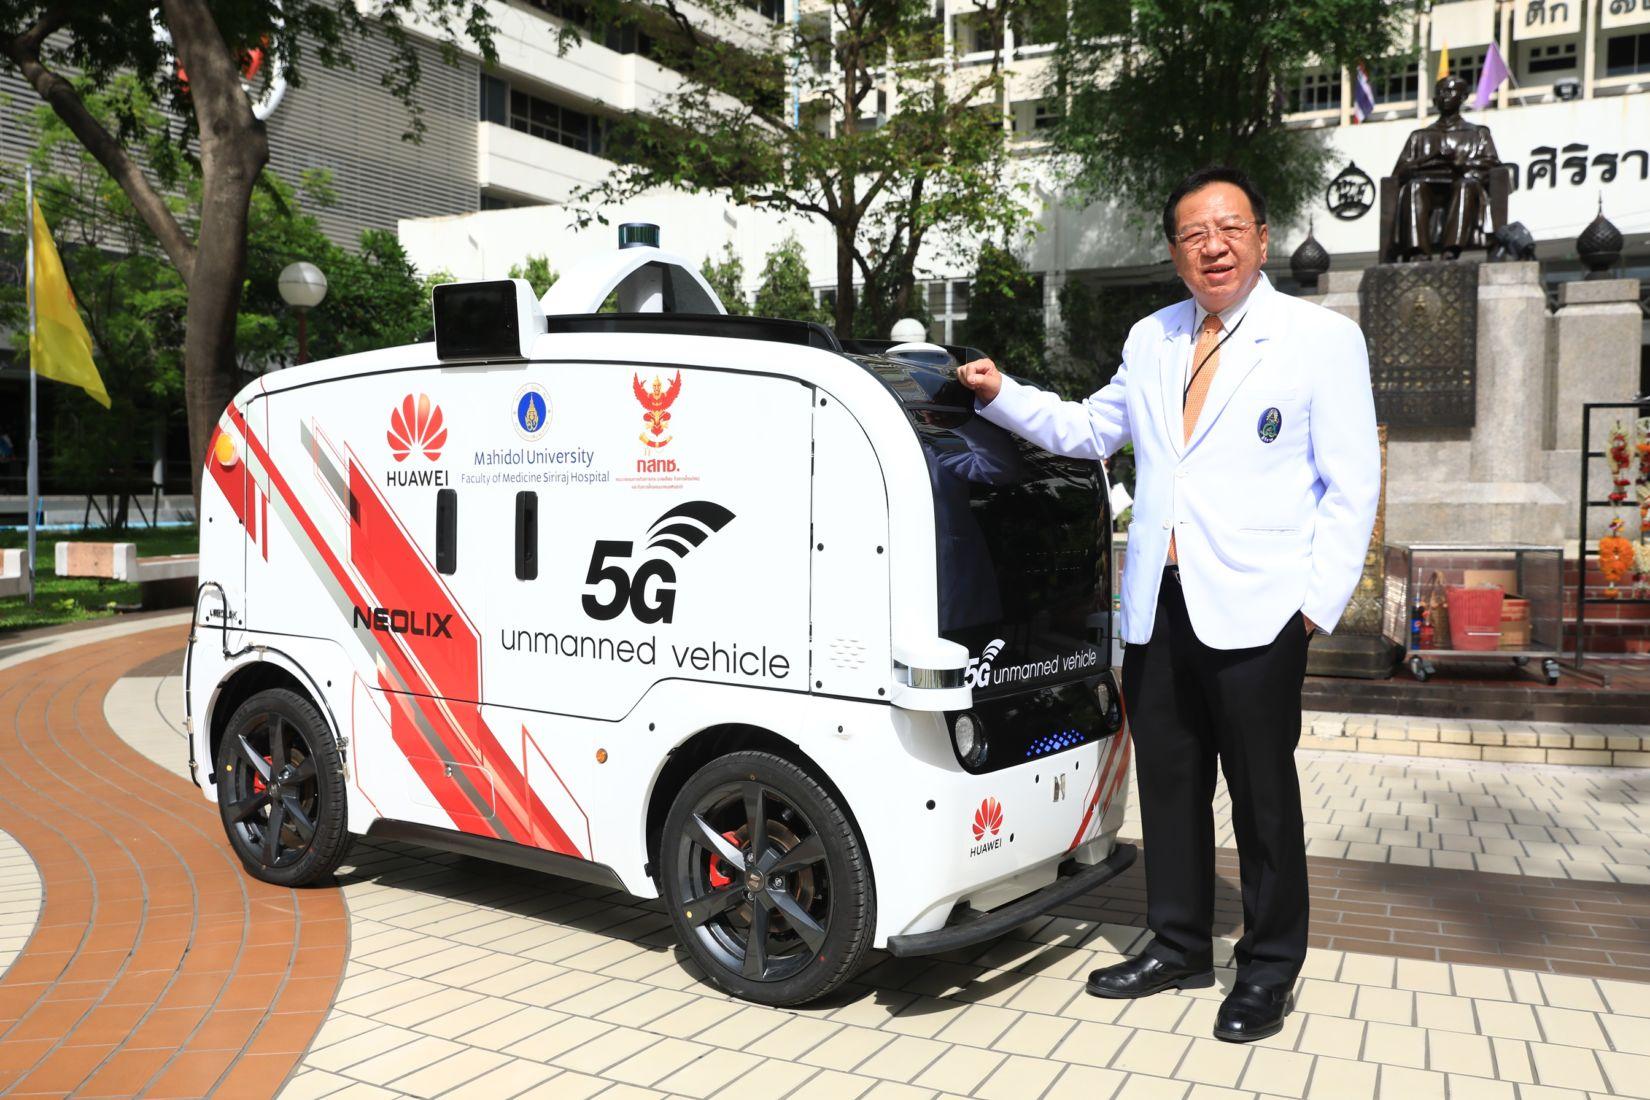 หัวเว่ย จับมือ กสทช. รพ.ศิริราช เปิดตัวรถอัจฉริยะไร้คนขับ ยกระดับการแพทย์ไทยสู่ยุค 5G | ข่าวโดย Tadoo